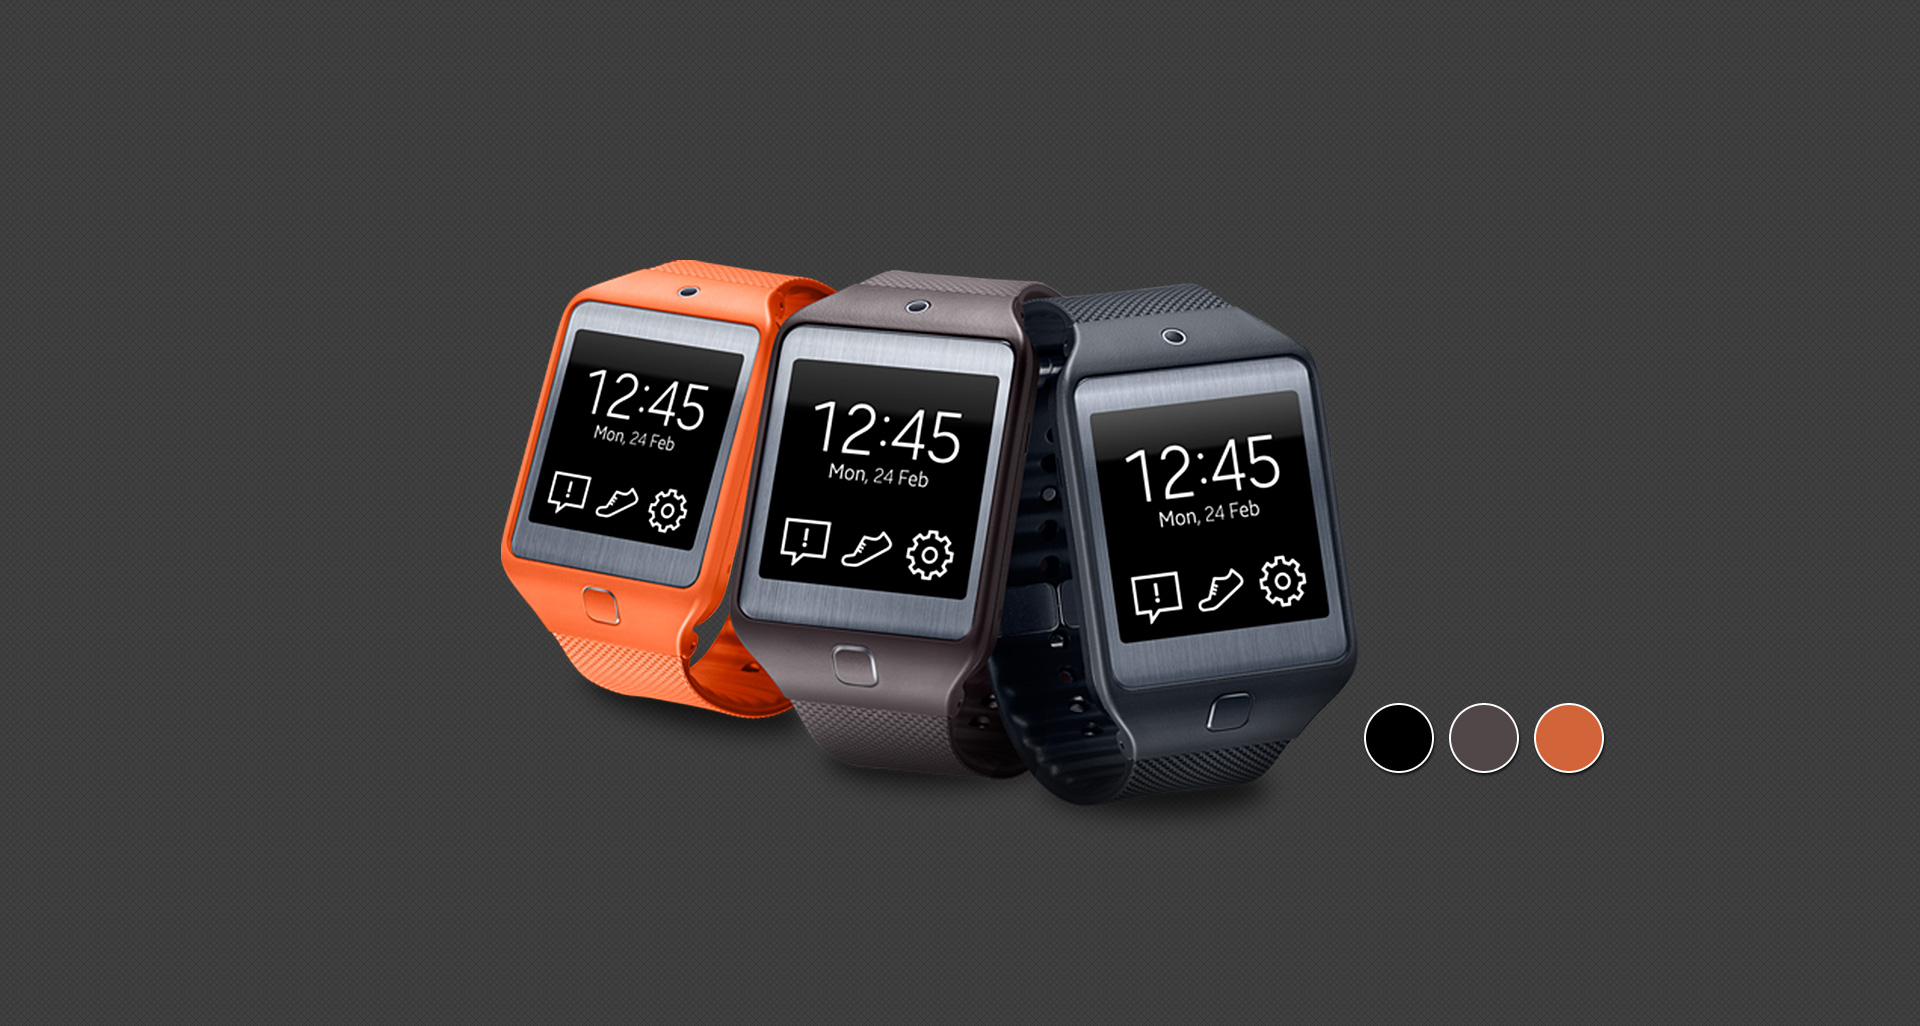 Samsung Gear 2 Neo có thiết kế vỏ nhựa nhưng đem lại cảm giác thích thú cho người đeo